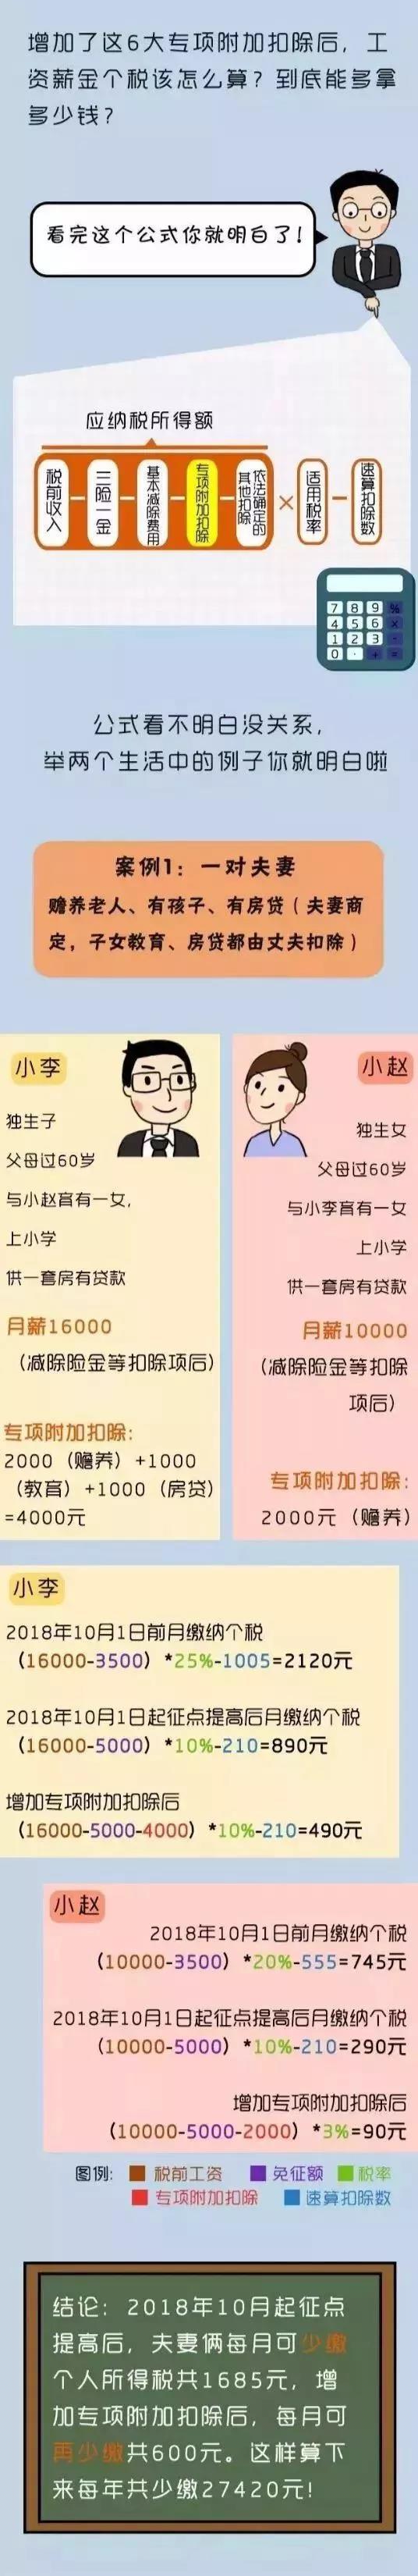 2019个税工资春节